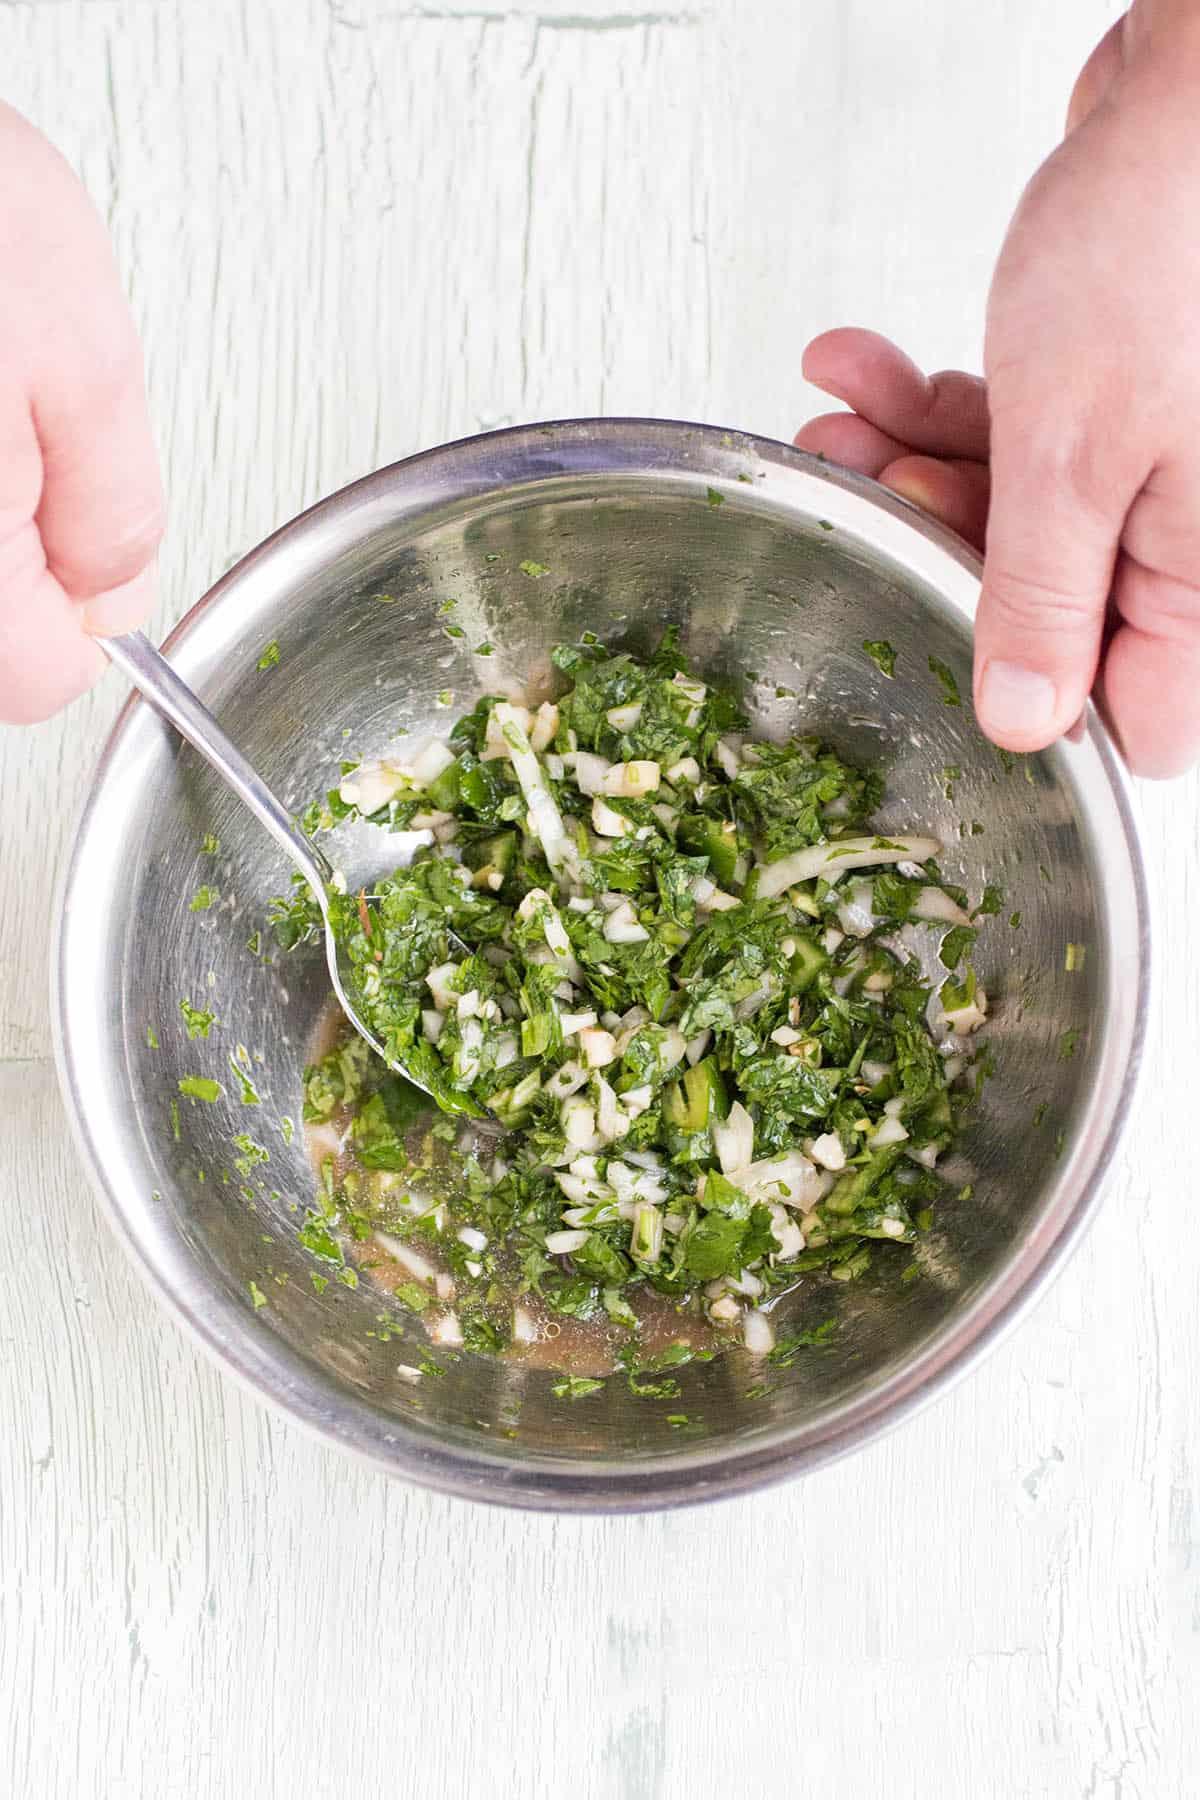 Easy Chimichurri Verde (Green Chimichurri Recipe)